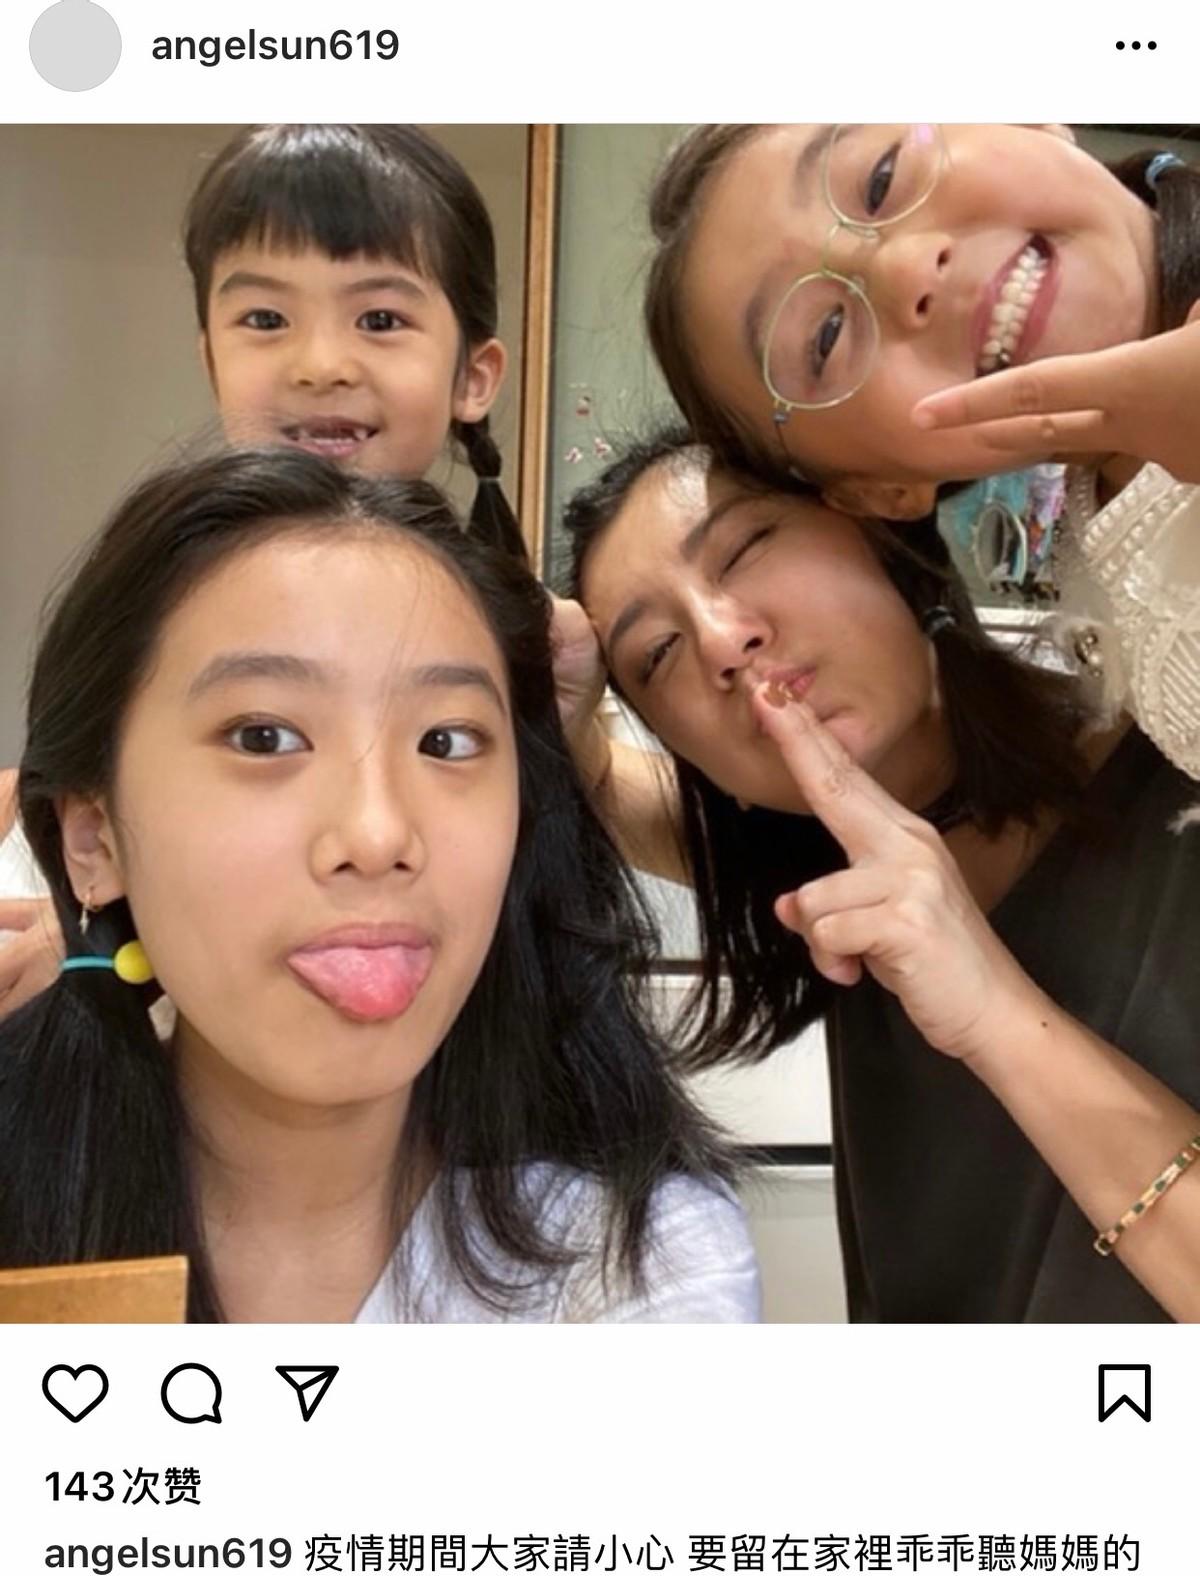 賈靜雯和仨女兒搞怪,4個美女咘咘眼睛居然最小,波妞缺牙張嘴笑